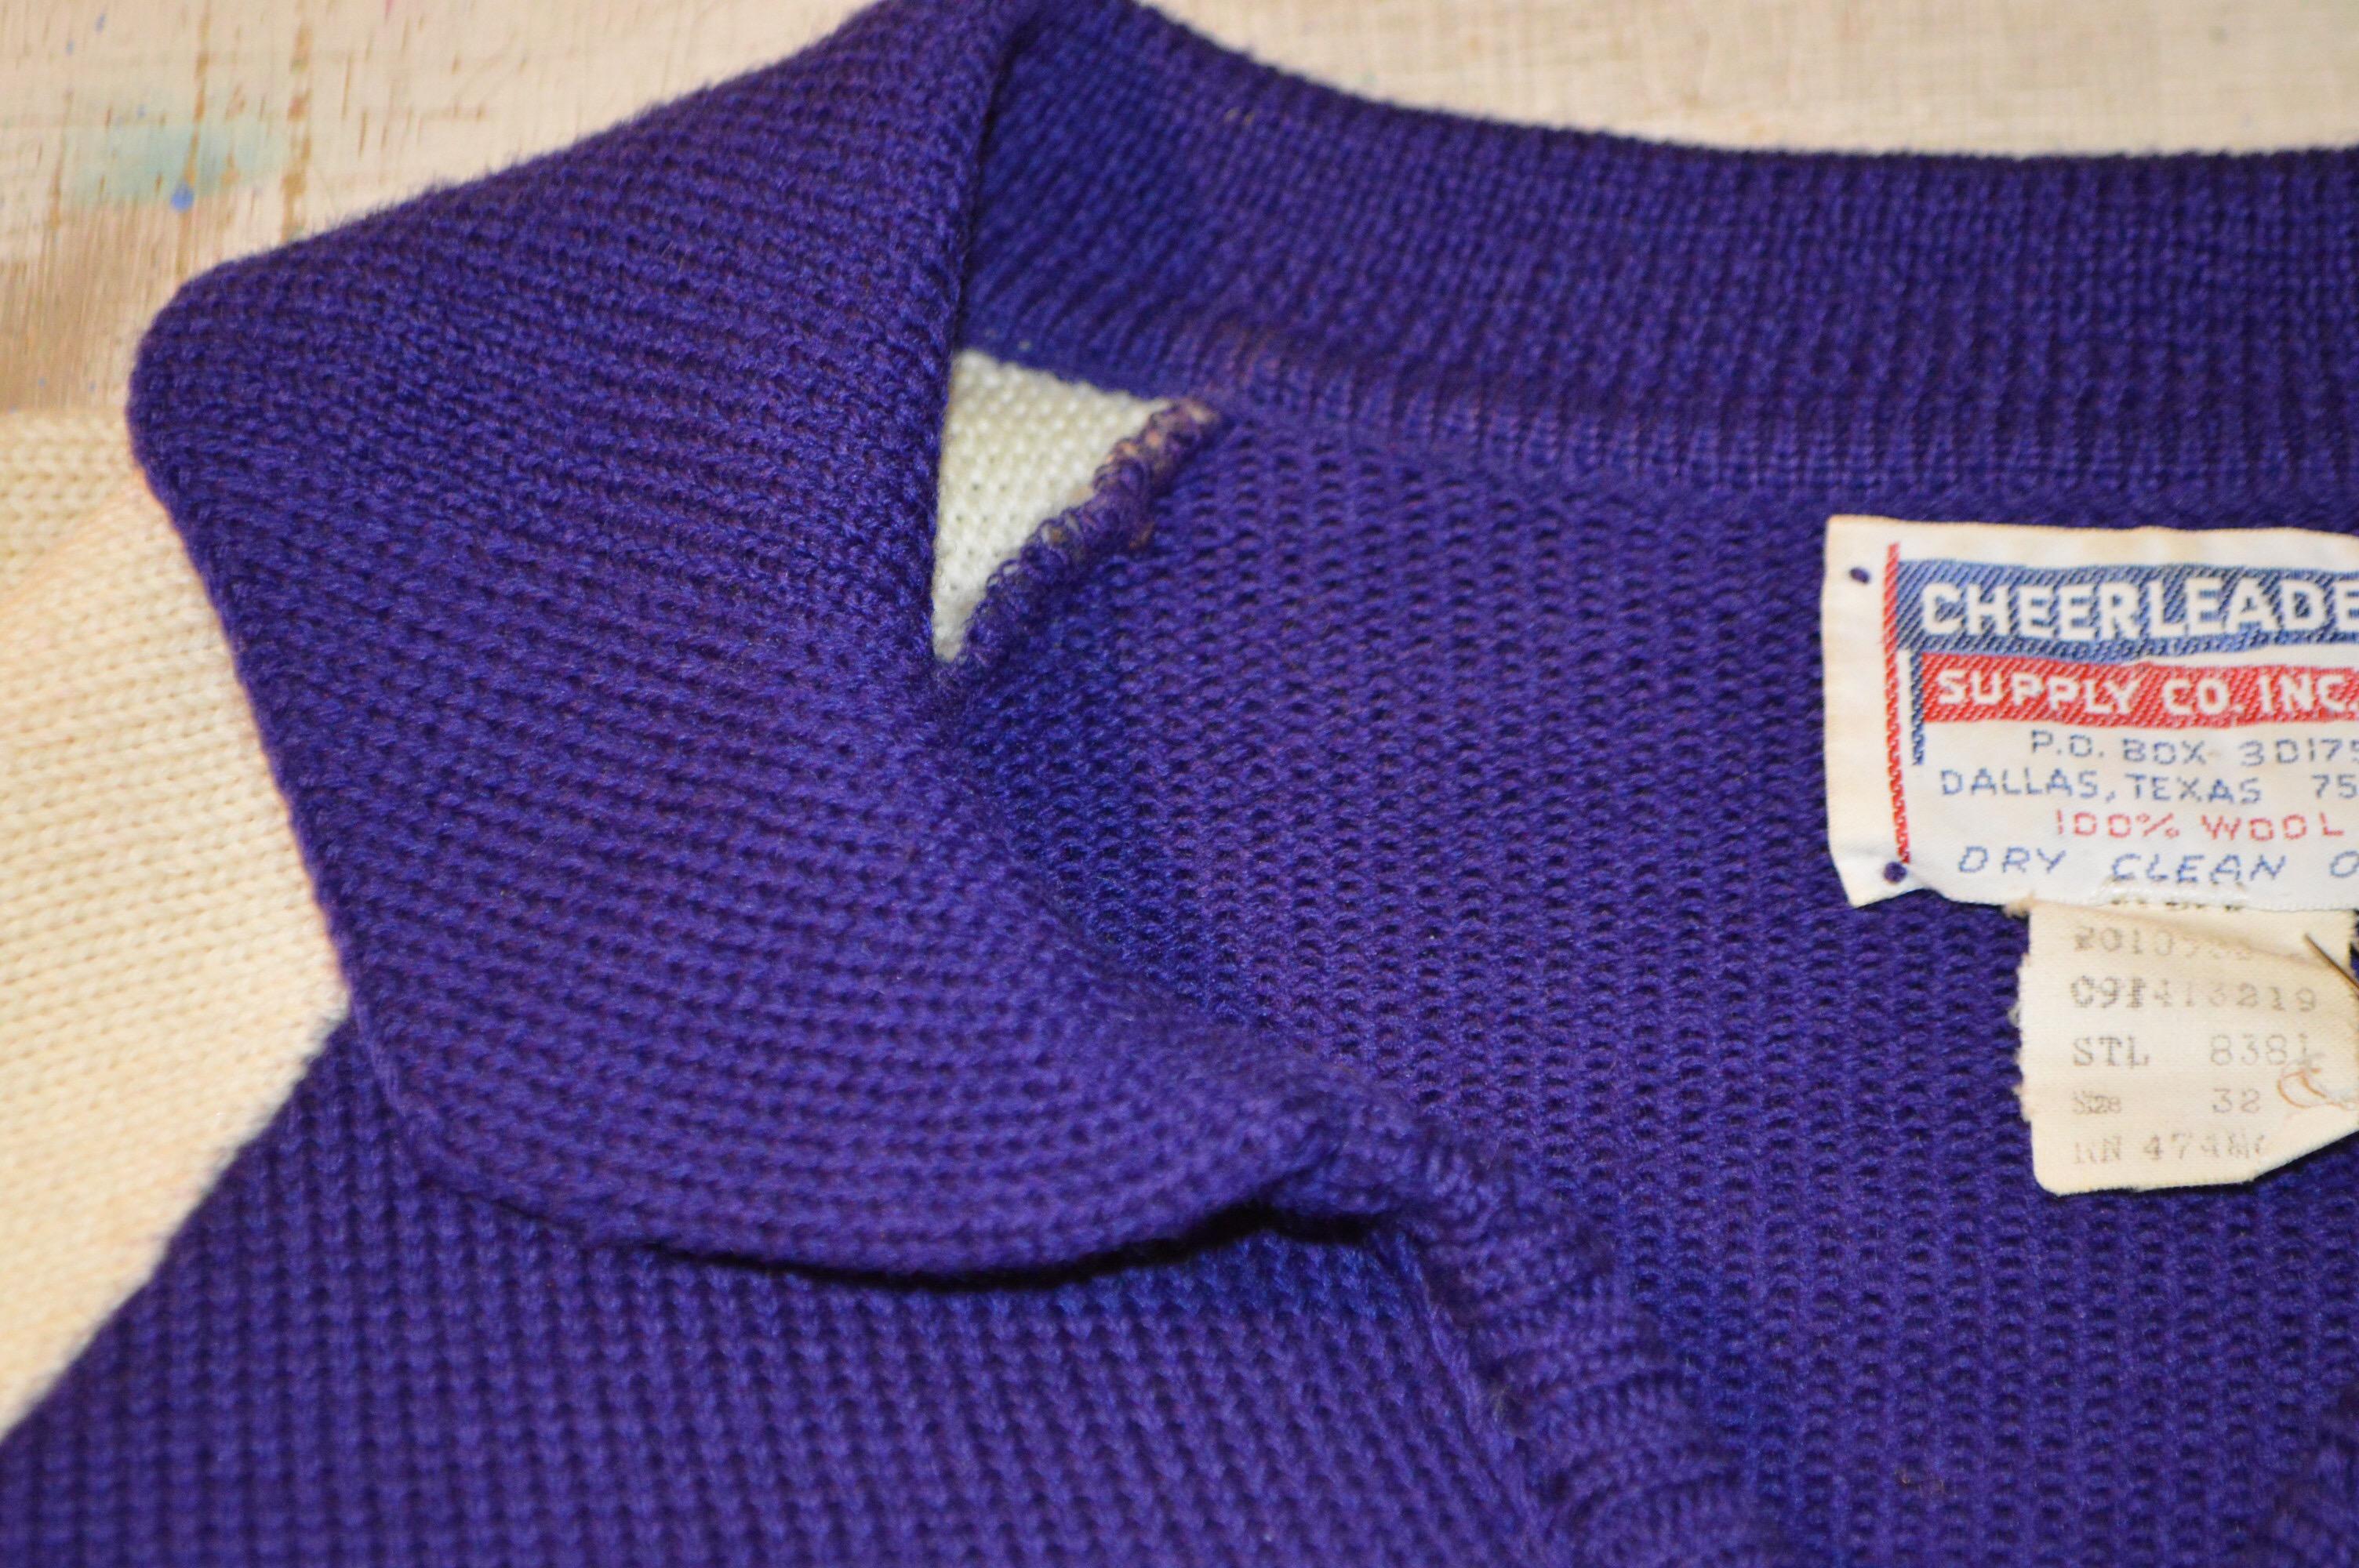 OLD チアニットセーター!! レディース